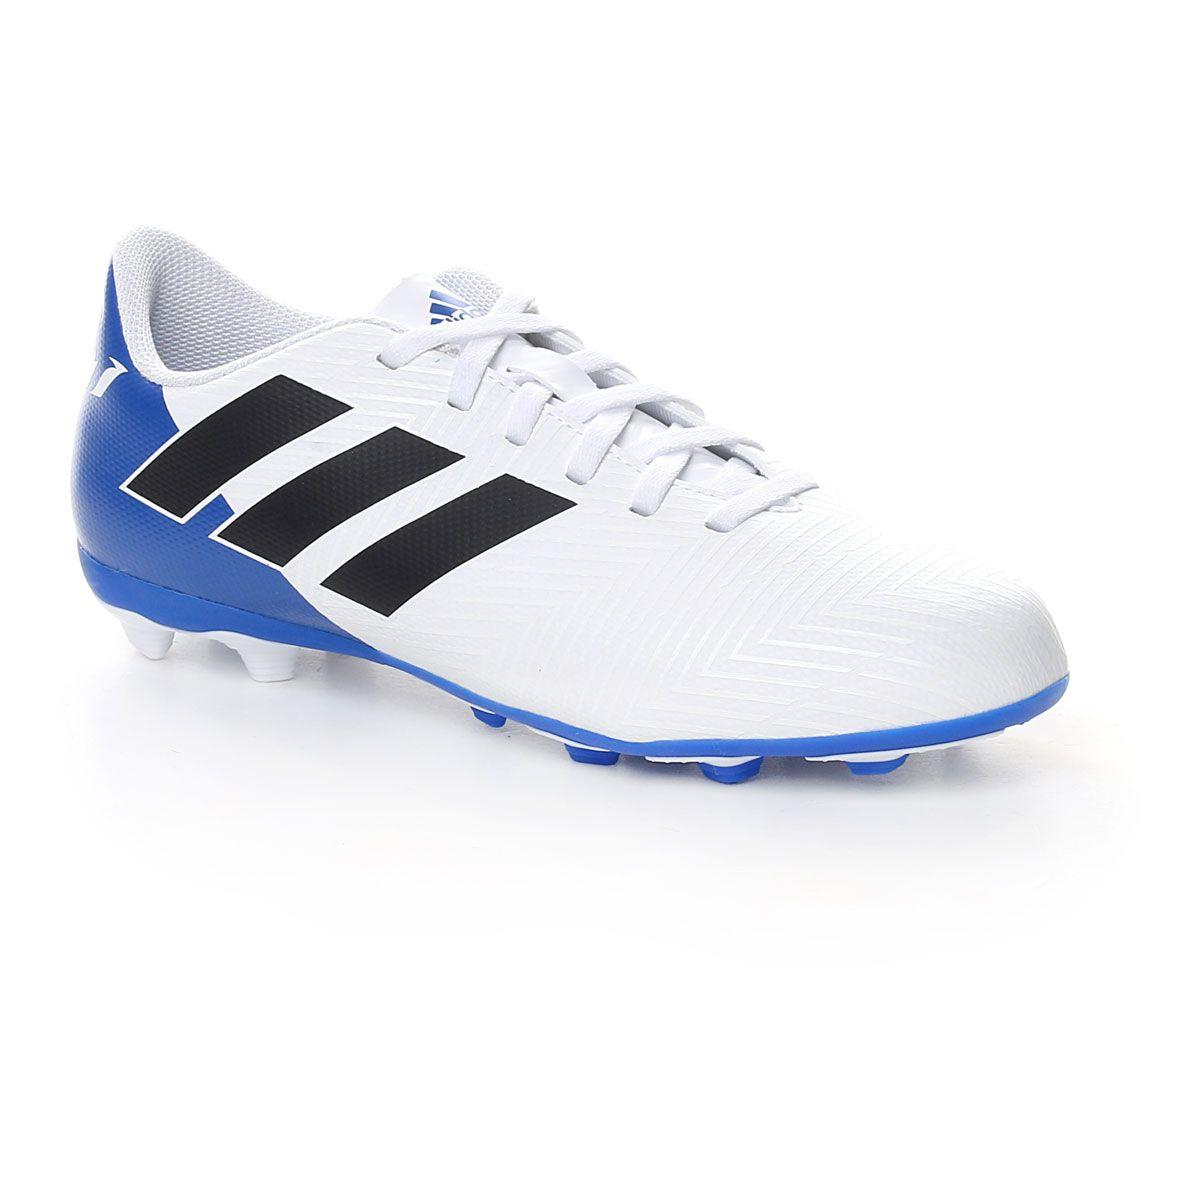 adidas Nemeziz Messi 18.4 Fxg J White Blue